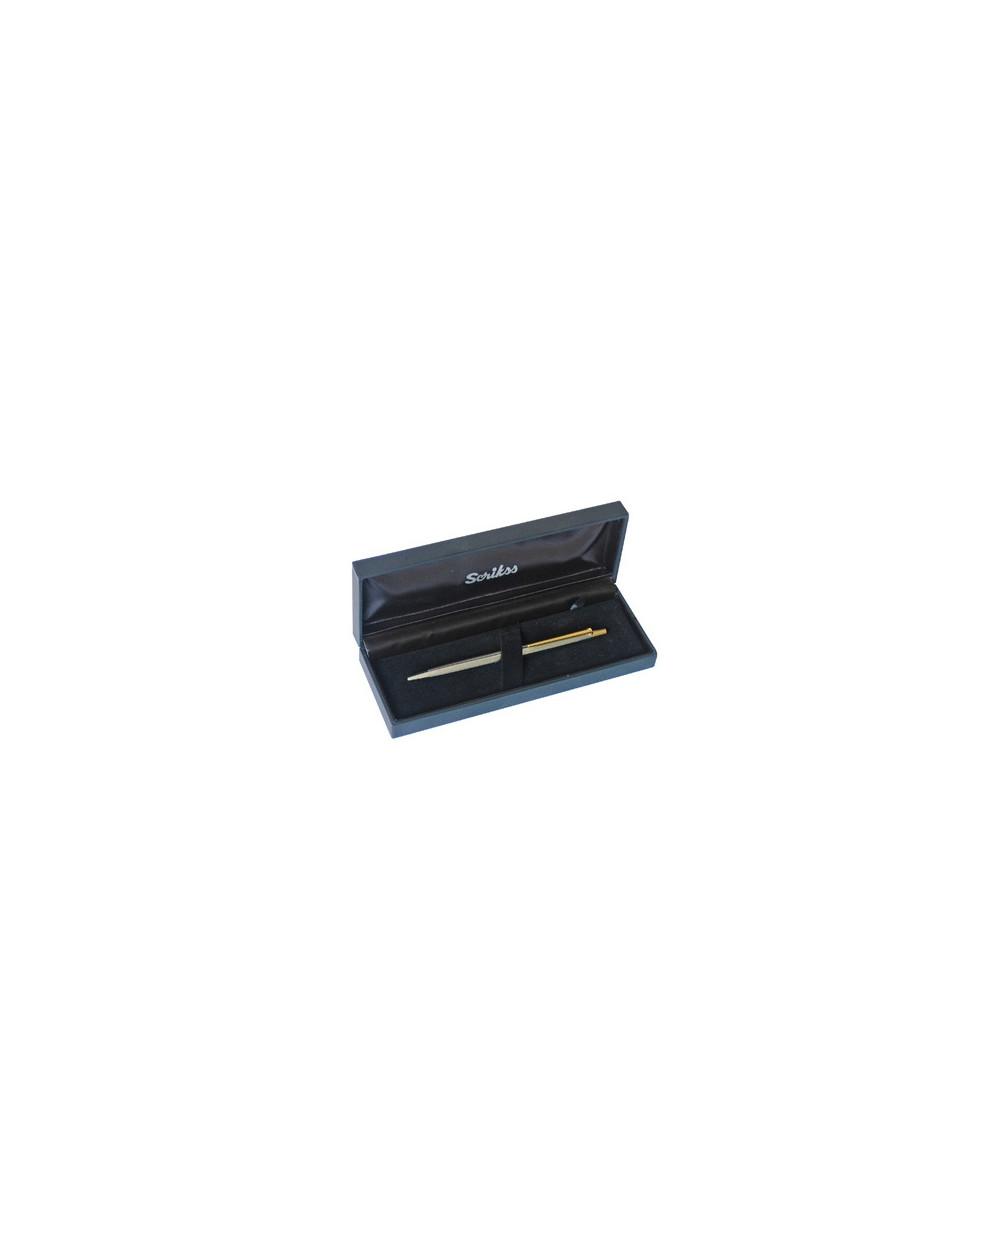 Химикалка Scrikss 711 Line Cut Gold Chrome в кутия лукс